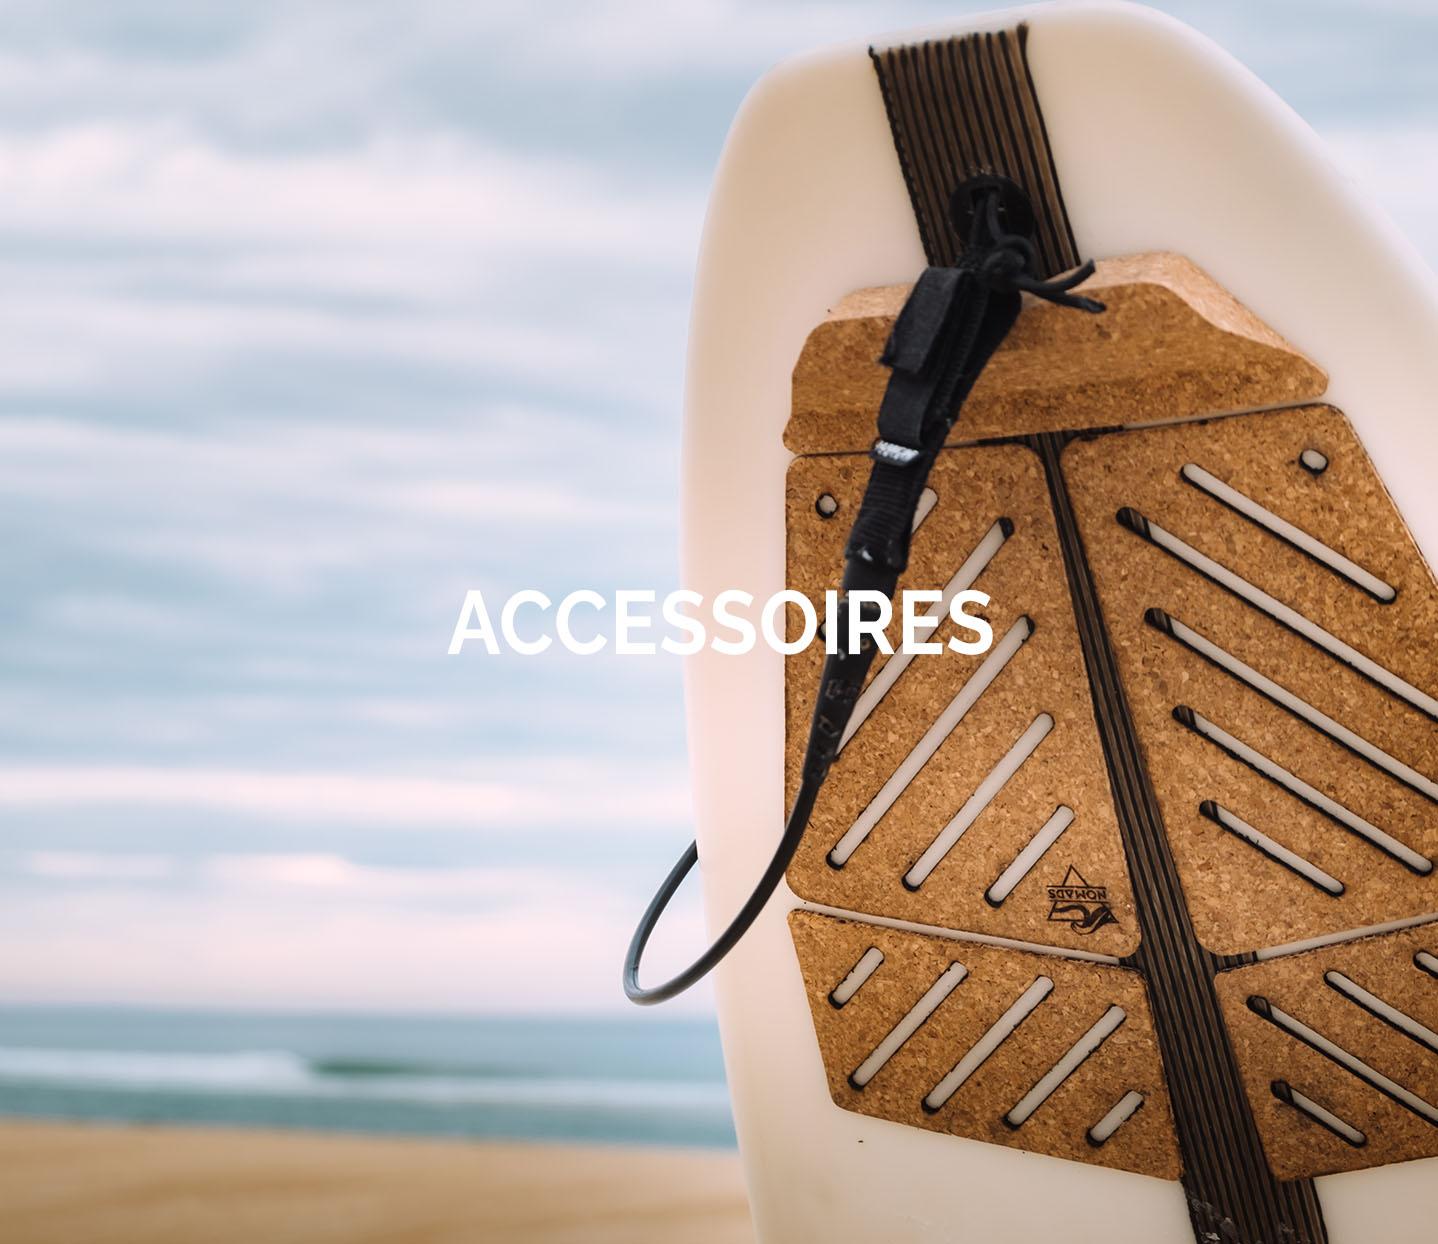 accessories vf